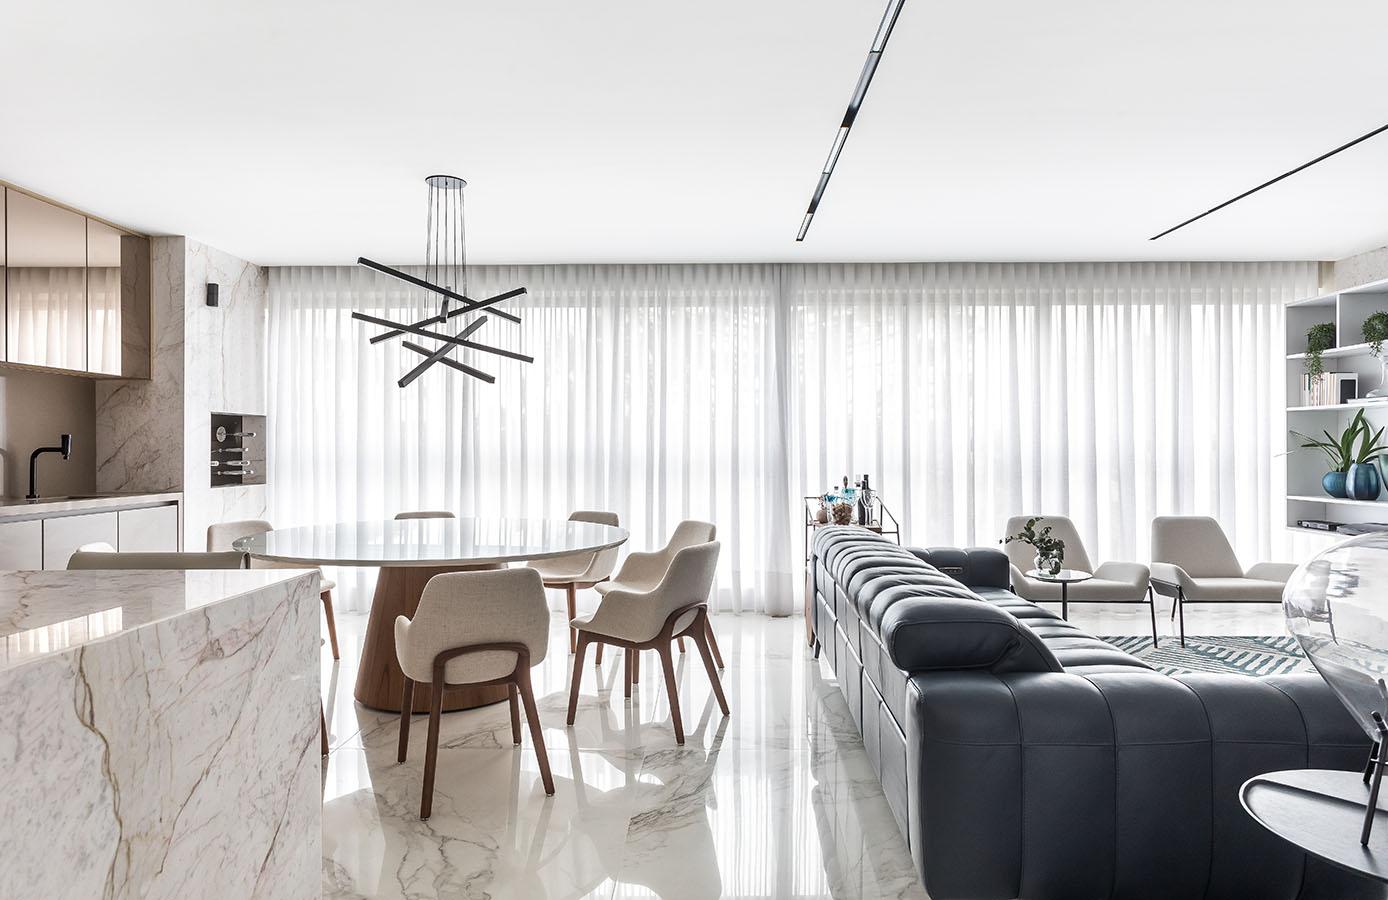 Arquiteto_Curitiba_Arquiteta_AlessandraGandolfi_Residência_TD_Interiores_6